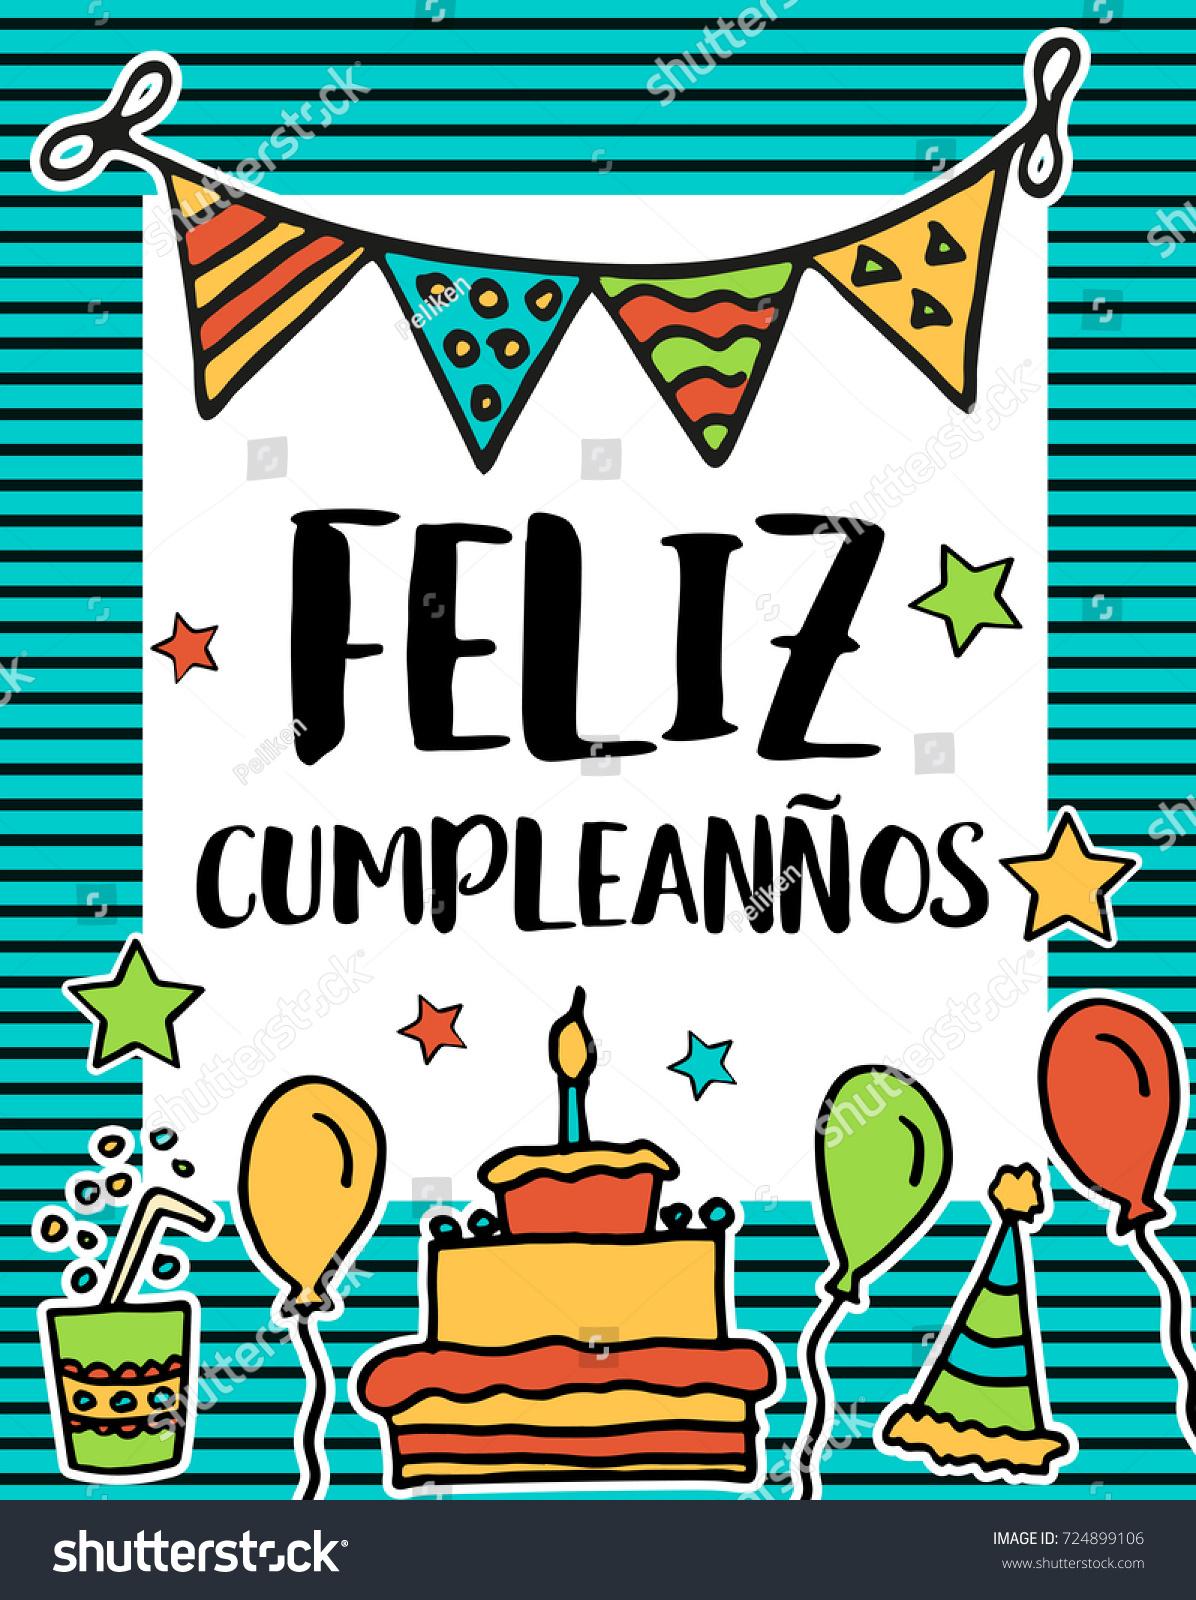 Feliz cumpleanos happy birthday greeting written stock illustration feliz cumpleanos happy birthday greeting written in spanish language colorful festive sketch for card m4hsunfo